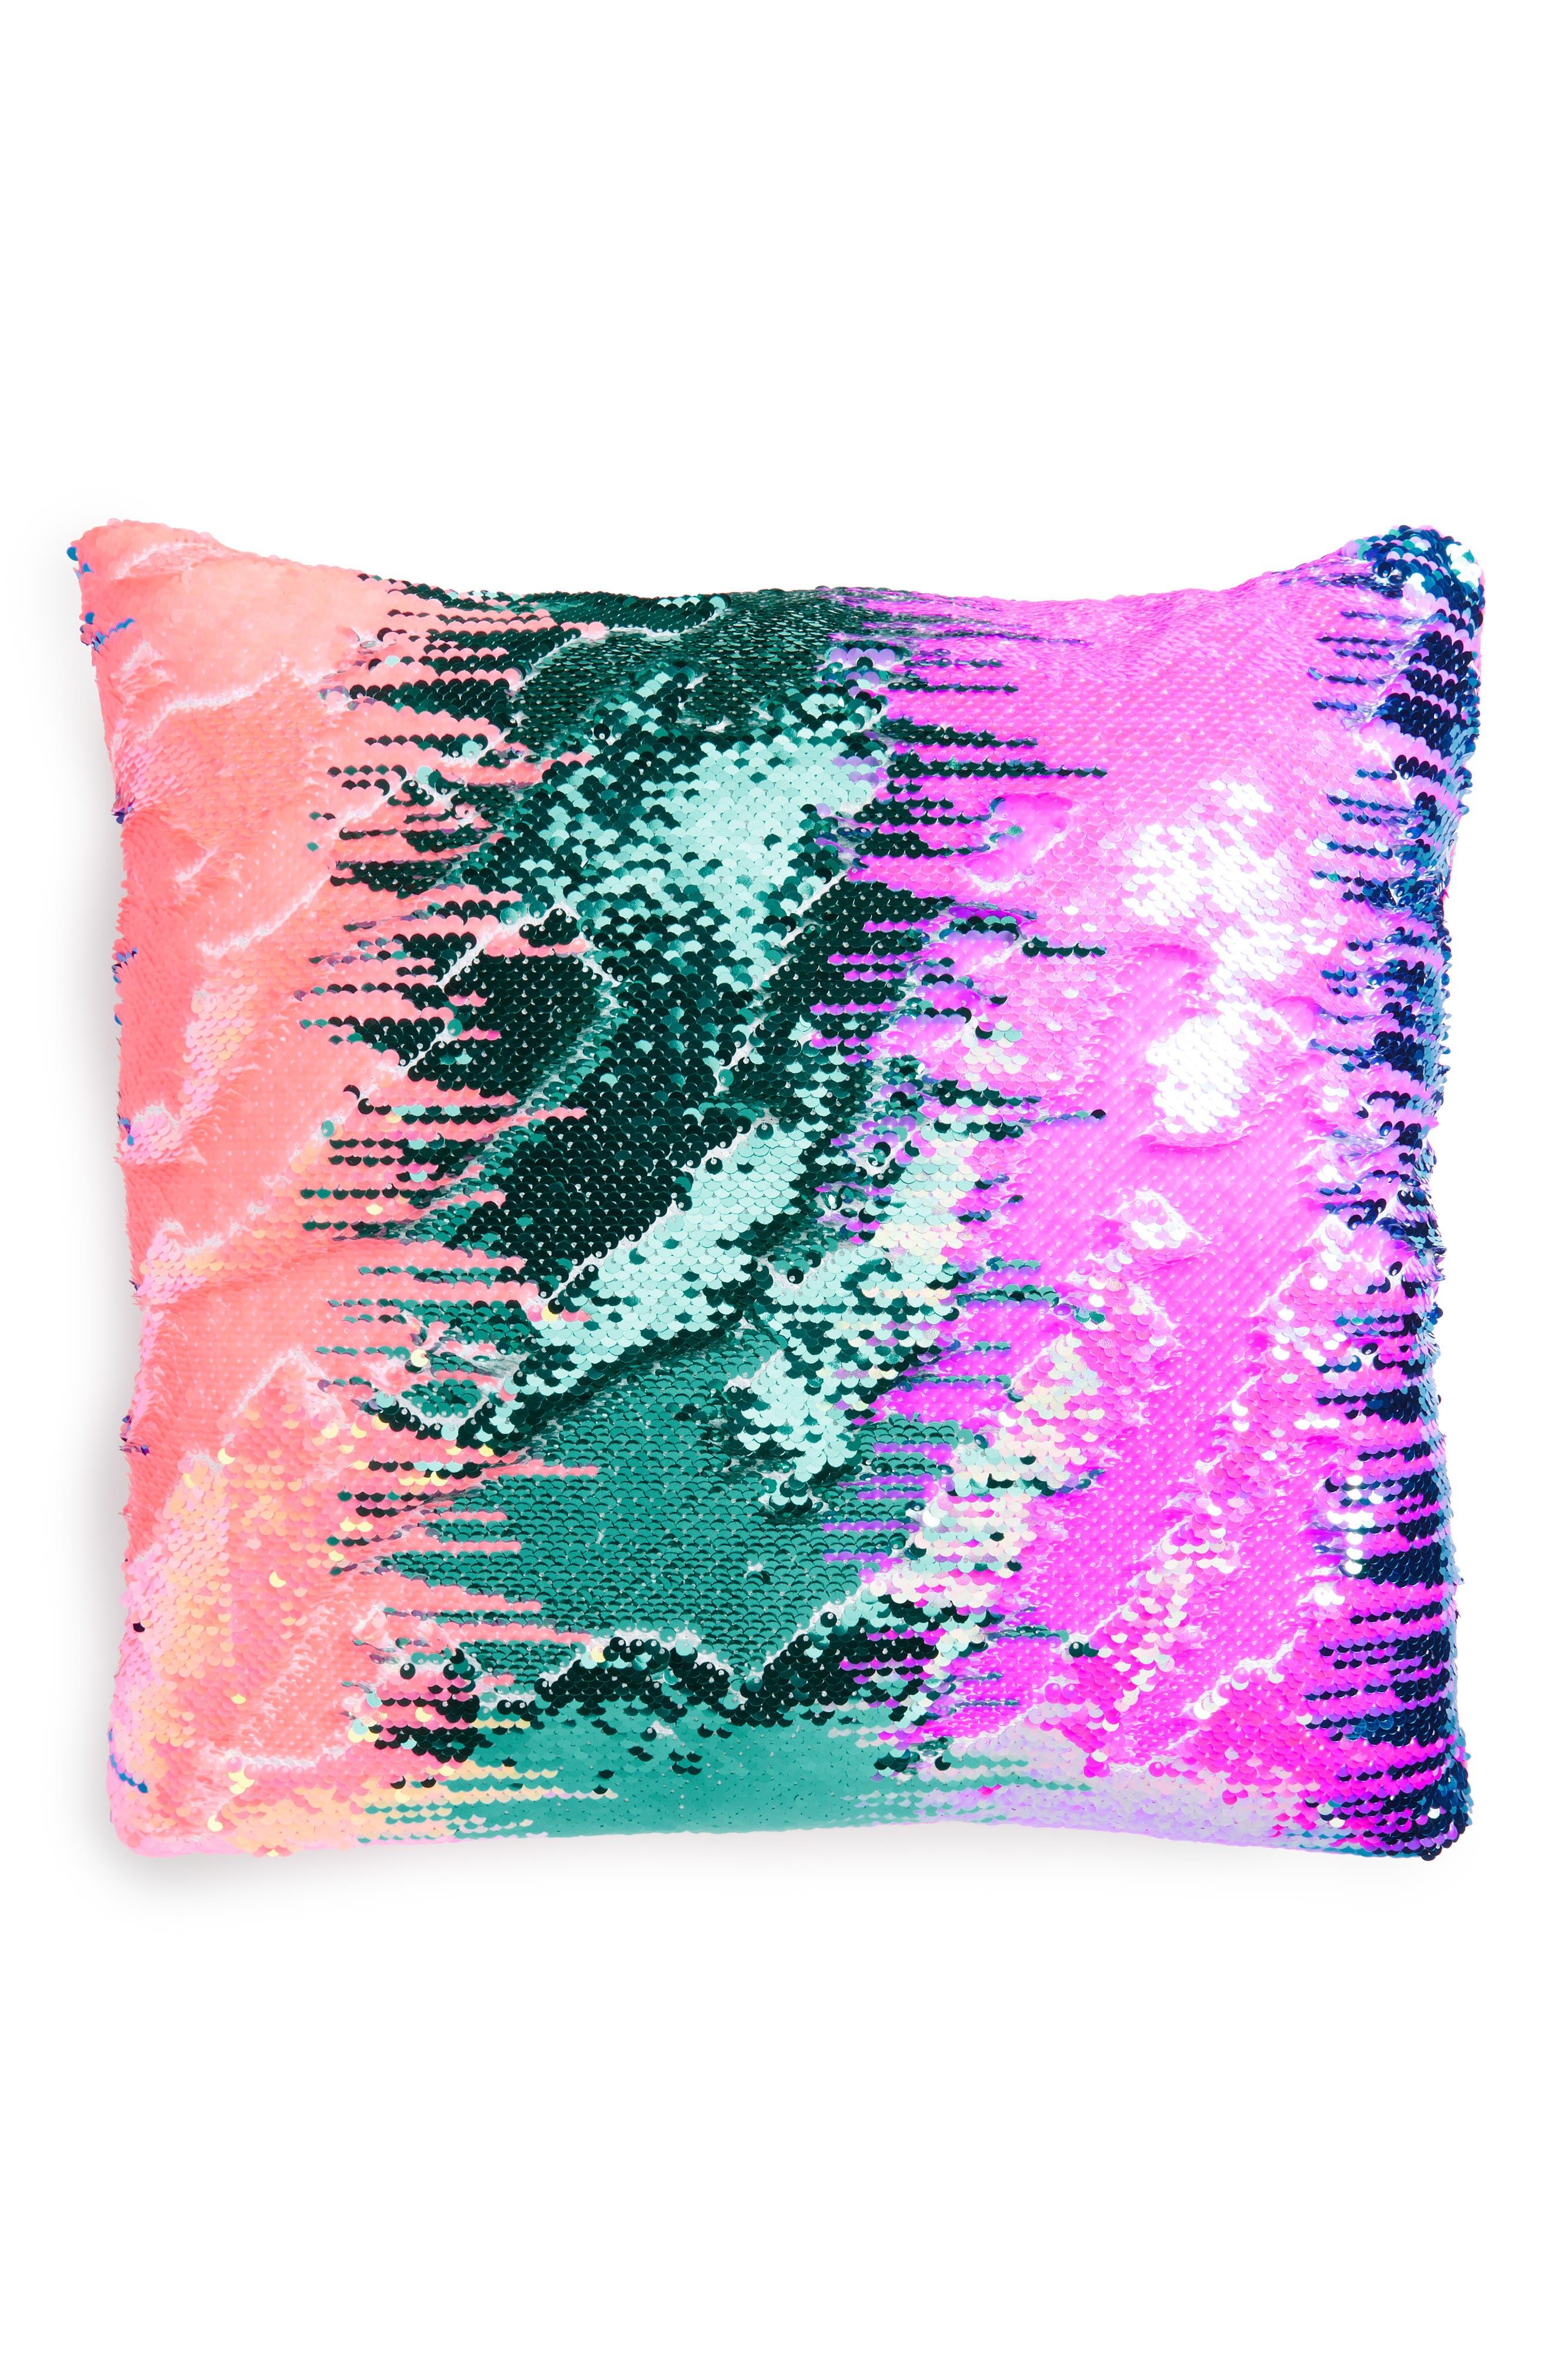 Magic Flip Sequin Velvet Accent Pillow,                             Main thumbnail 1, color,                             GRADIENT